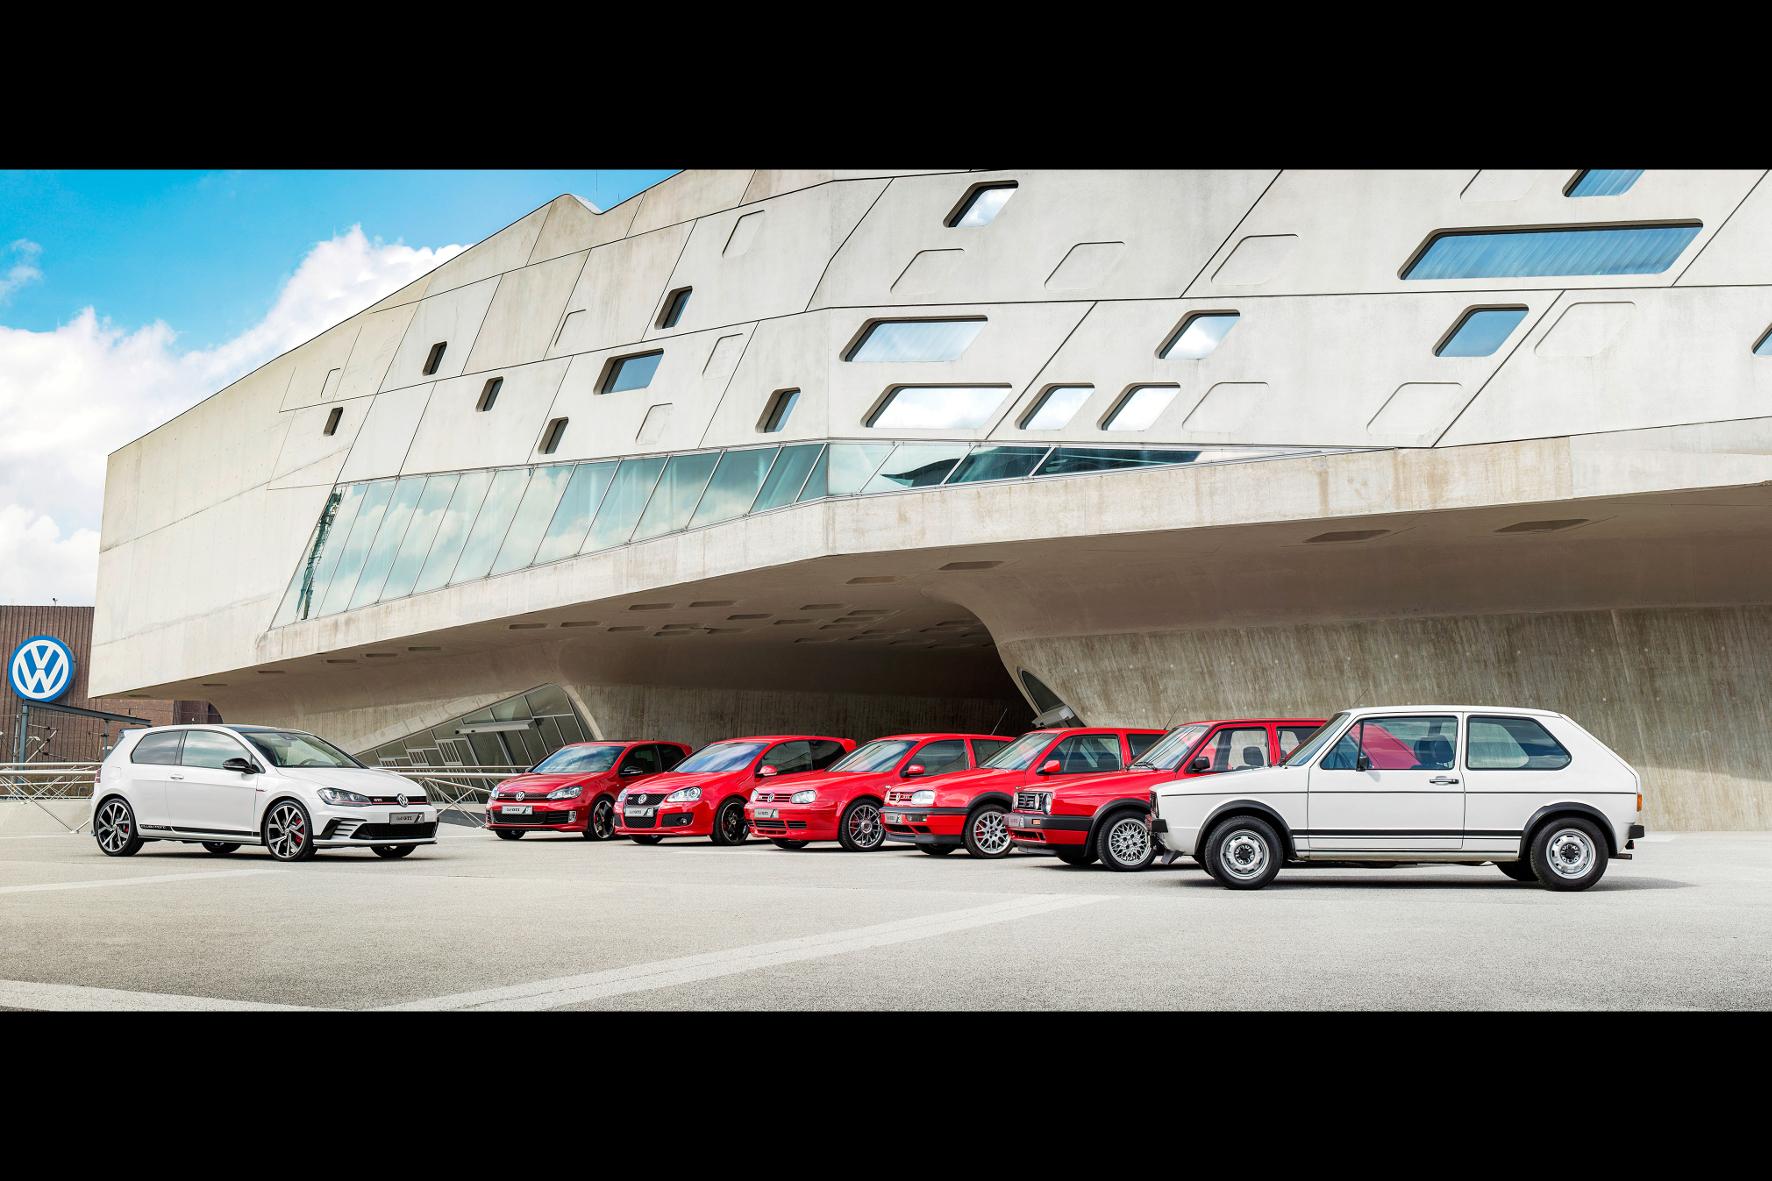 mid Groß-Gerau - Die Legende lebt: Der VW Golf GTI ist inzwischen in der siebten Generation unterwegs.